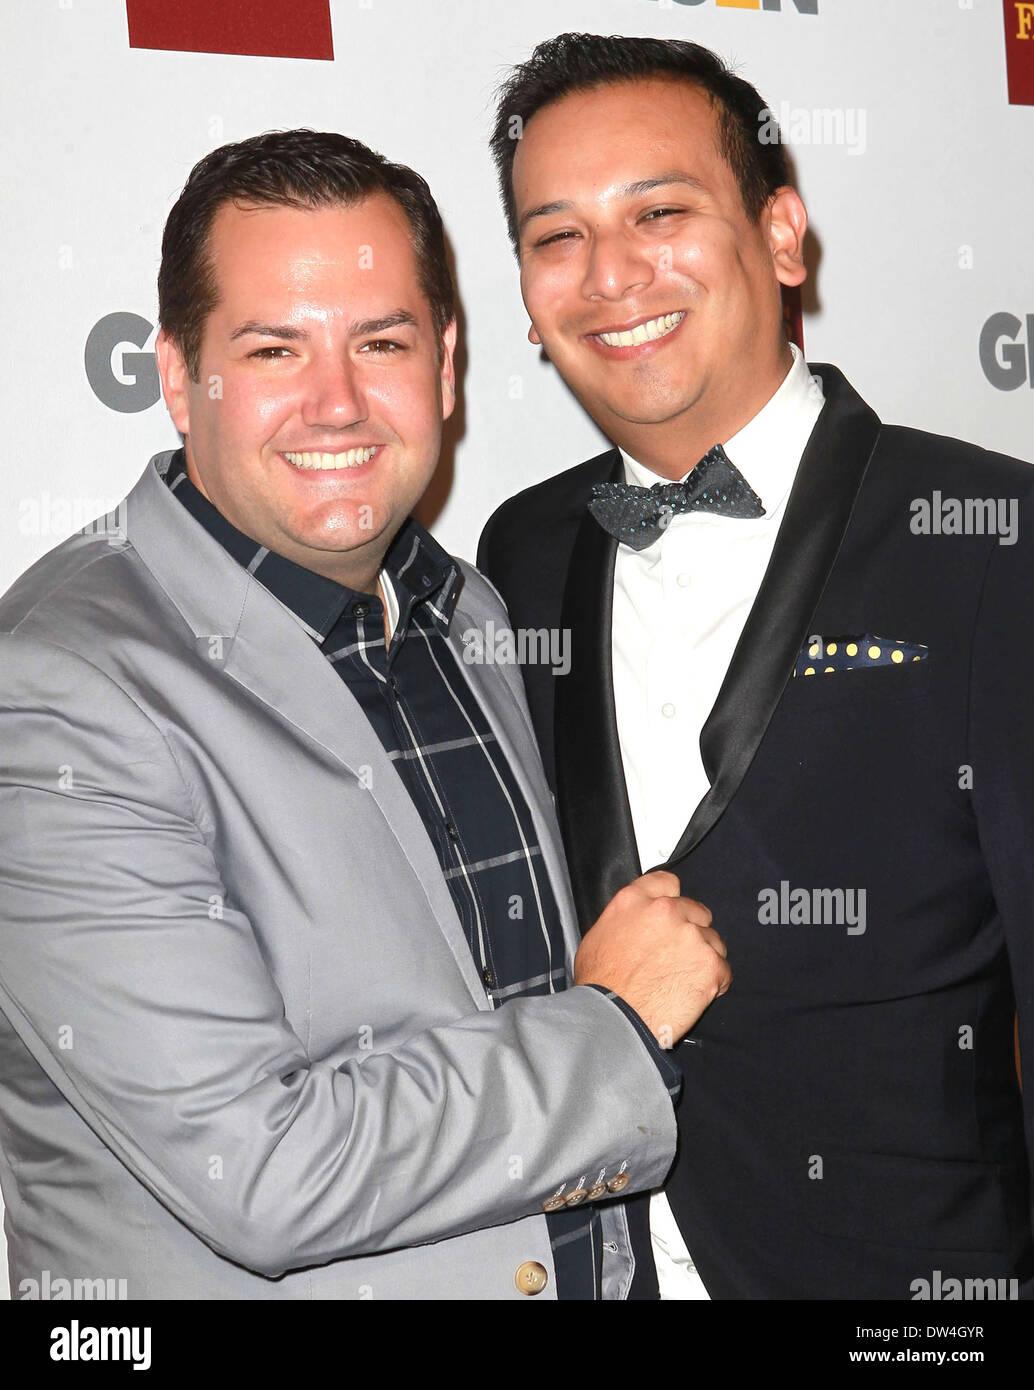 Salvador camarena and ross mathews dating